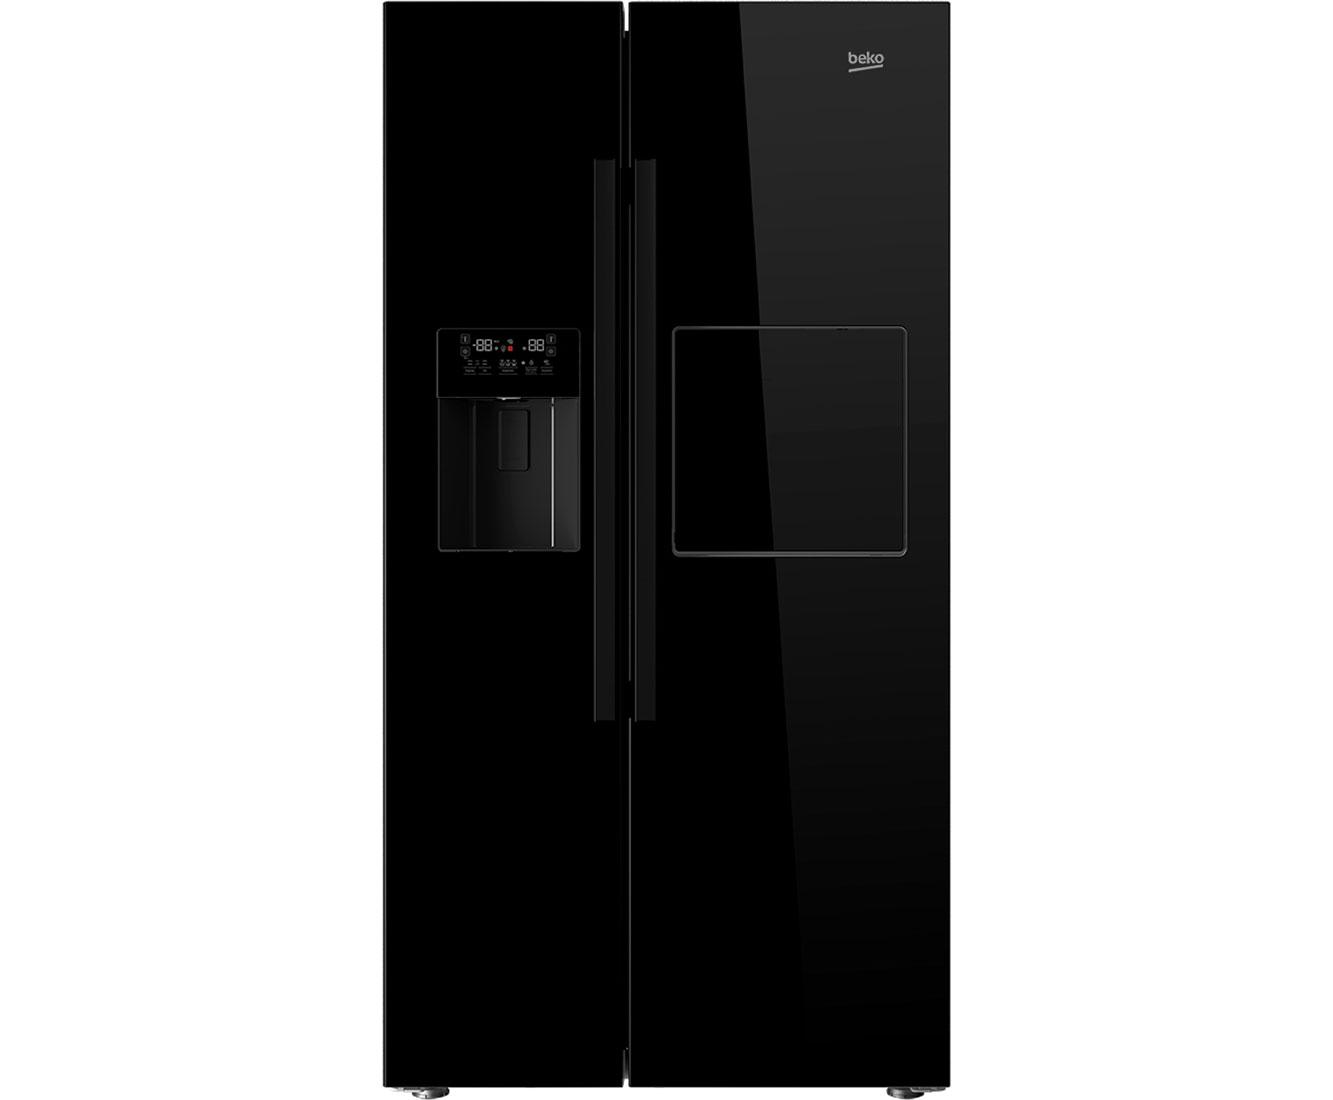 Amerikanischer Kühlschrank Gebraucht : Amerikanischer kühlschrank gebraucht amerikanischer kühlschrank